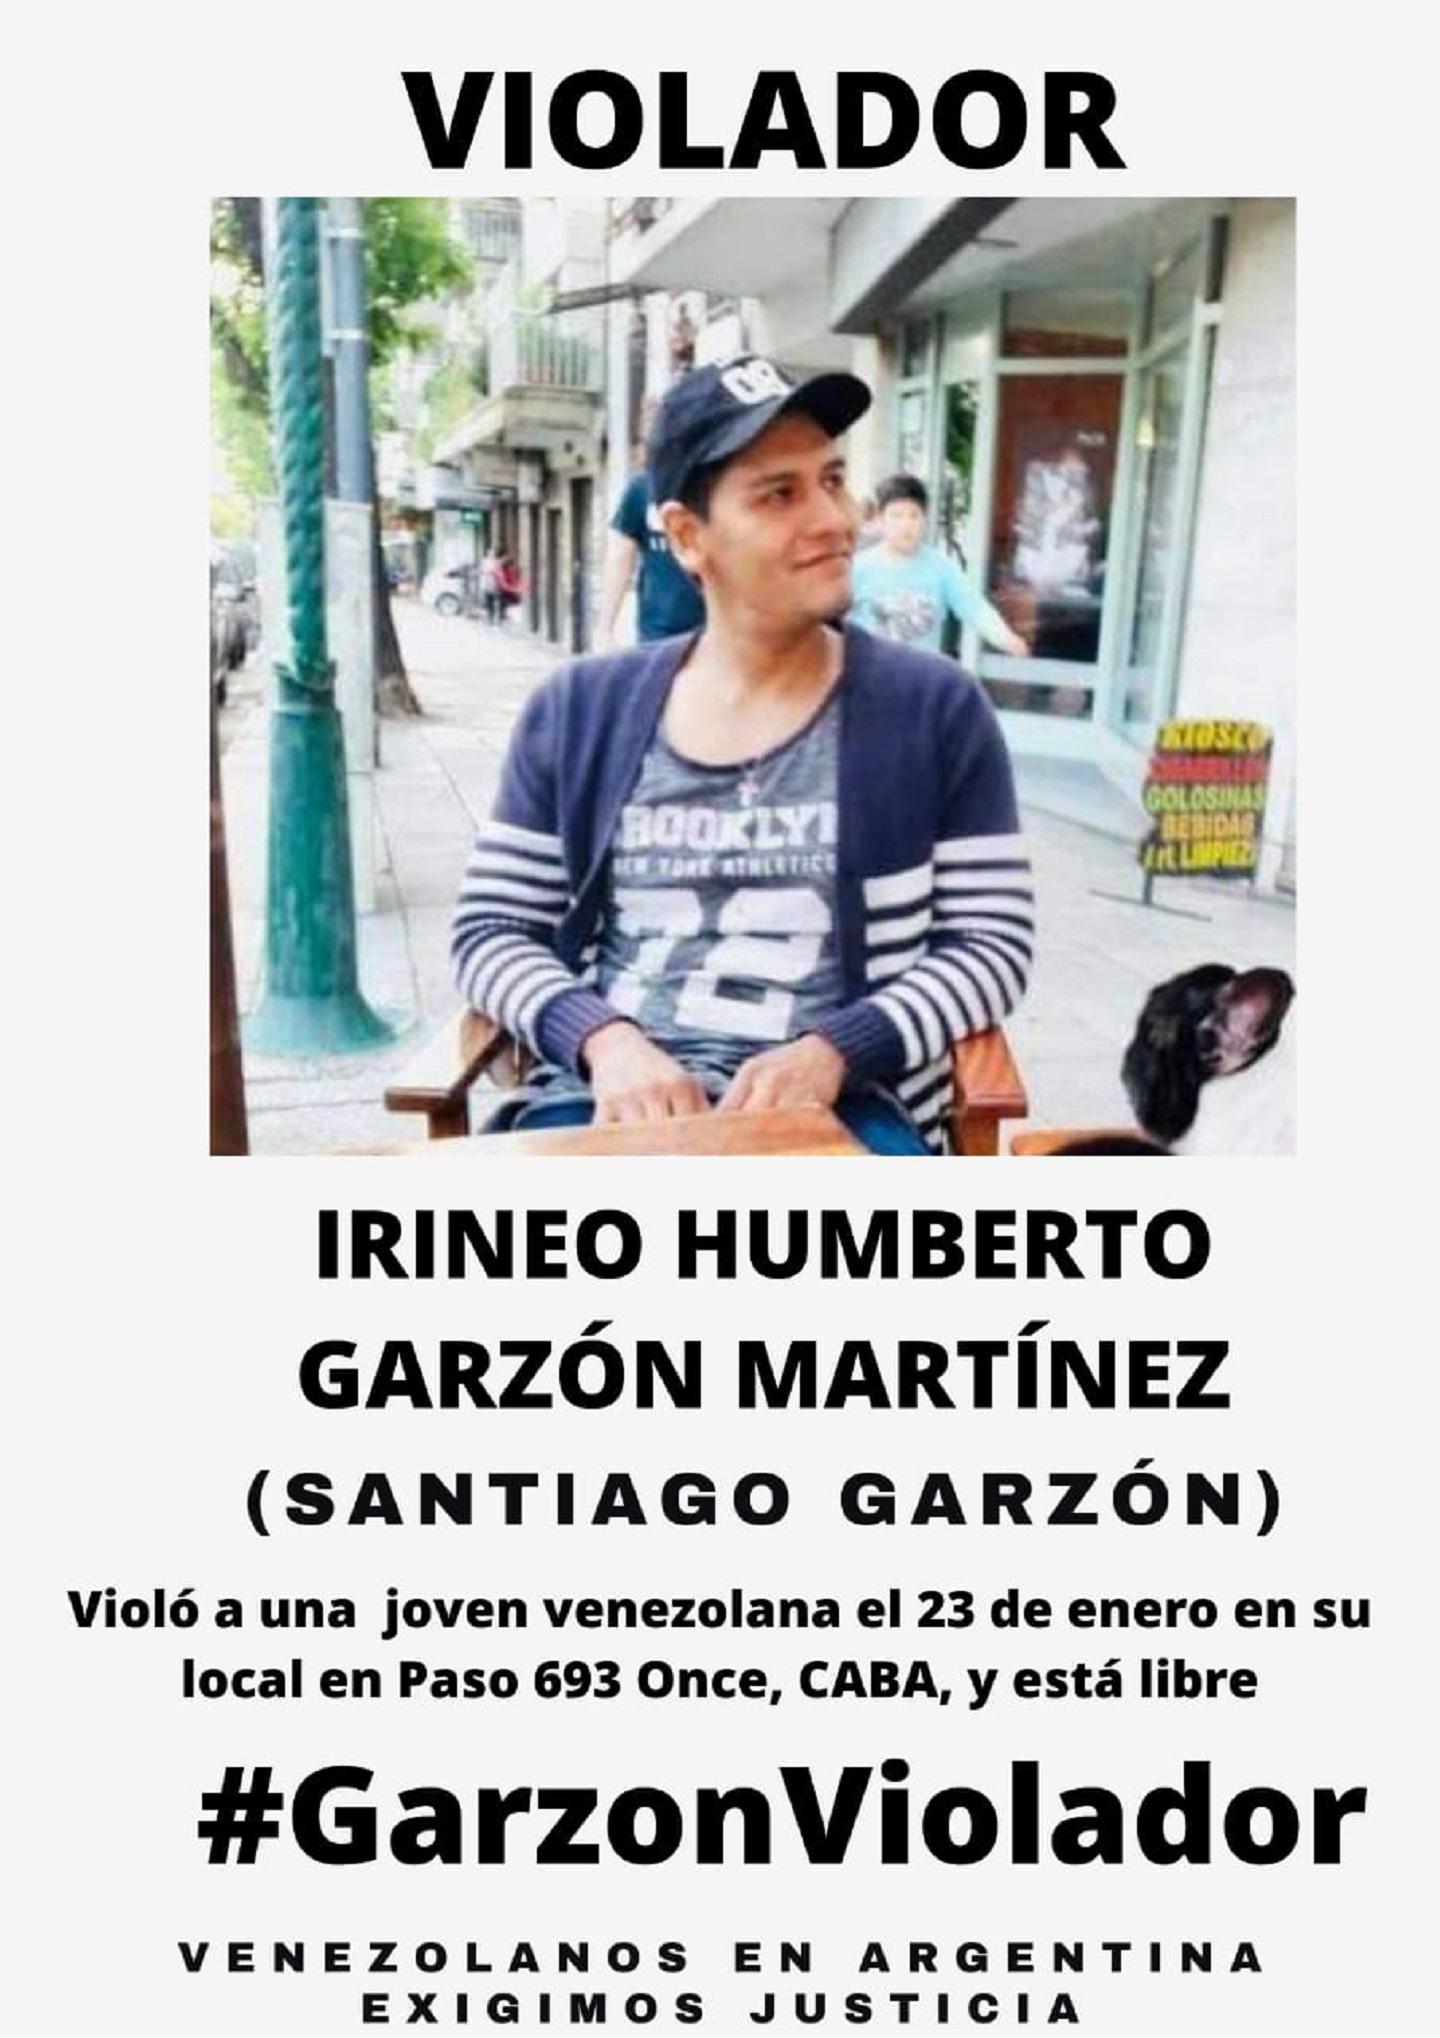 Venezolanos y argentinos piden justicia